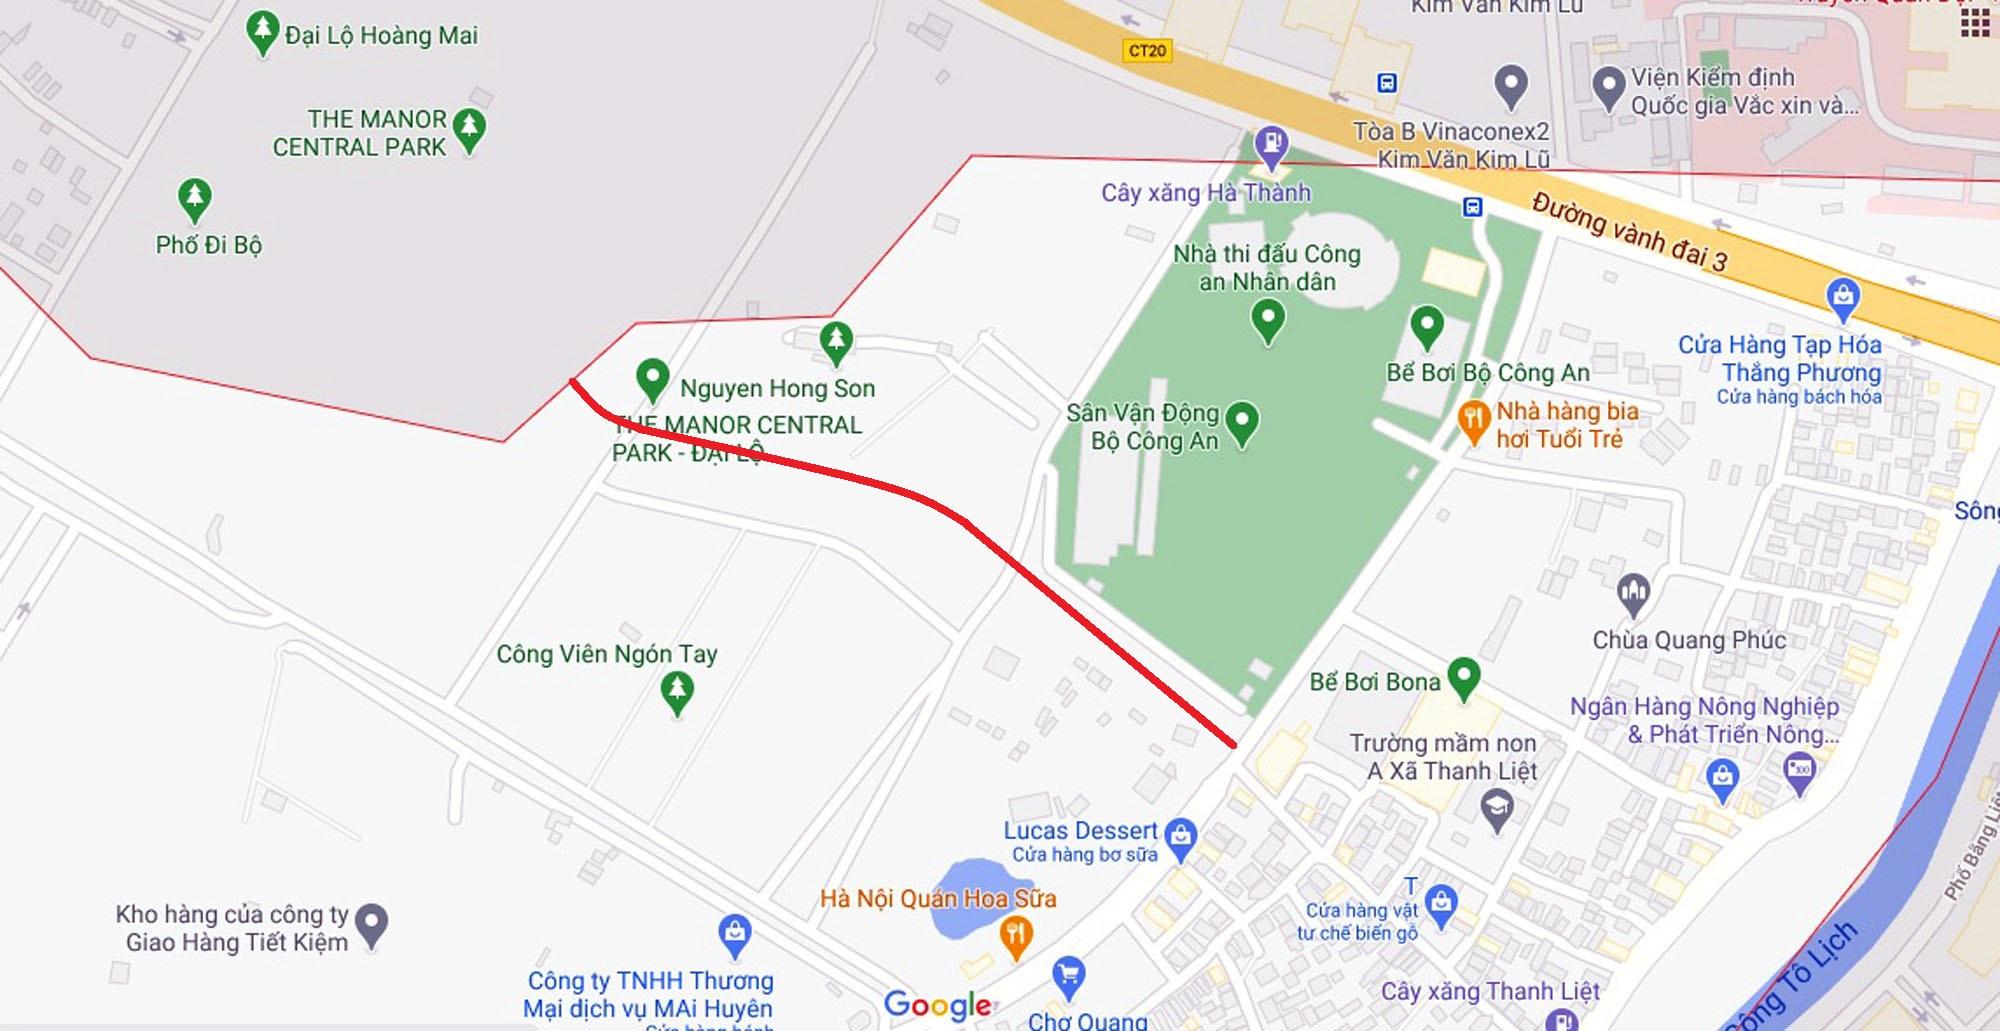 Ba đường sẽ mở theo qui hoạch ở xã Thanh Liệt, Thanh Trì, Hà Nội - Ảnh 6.